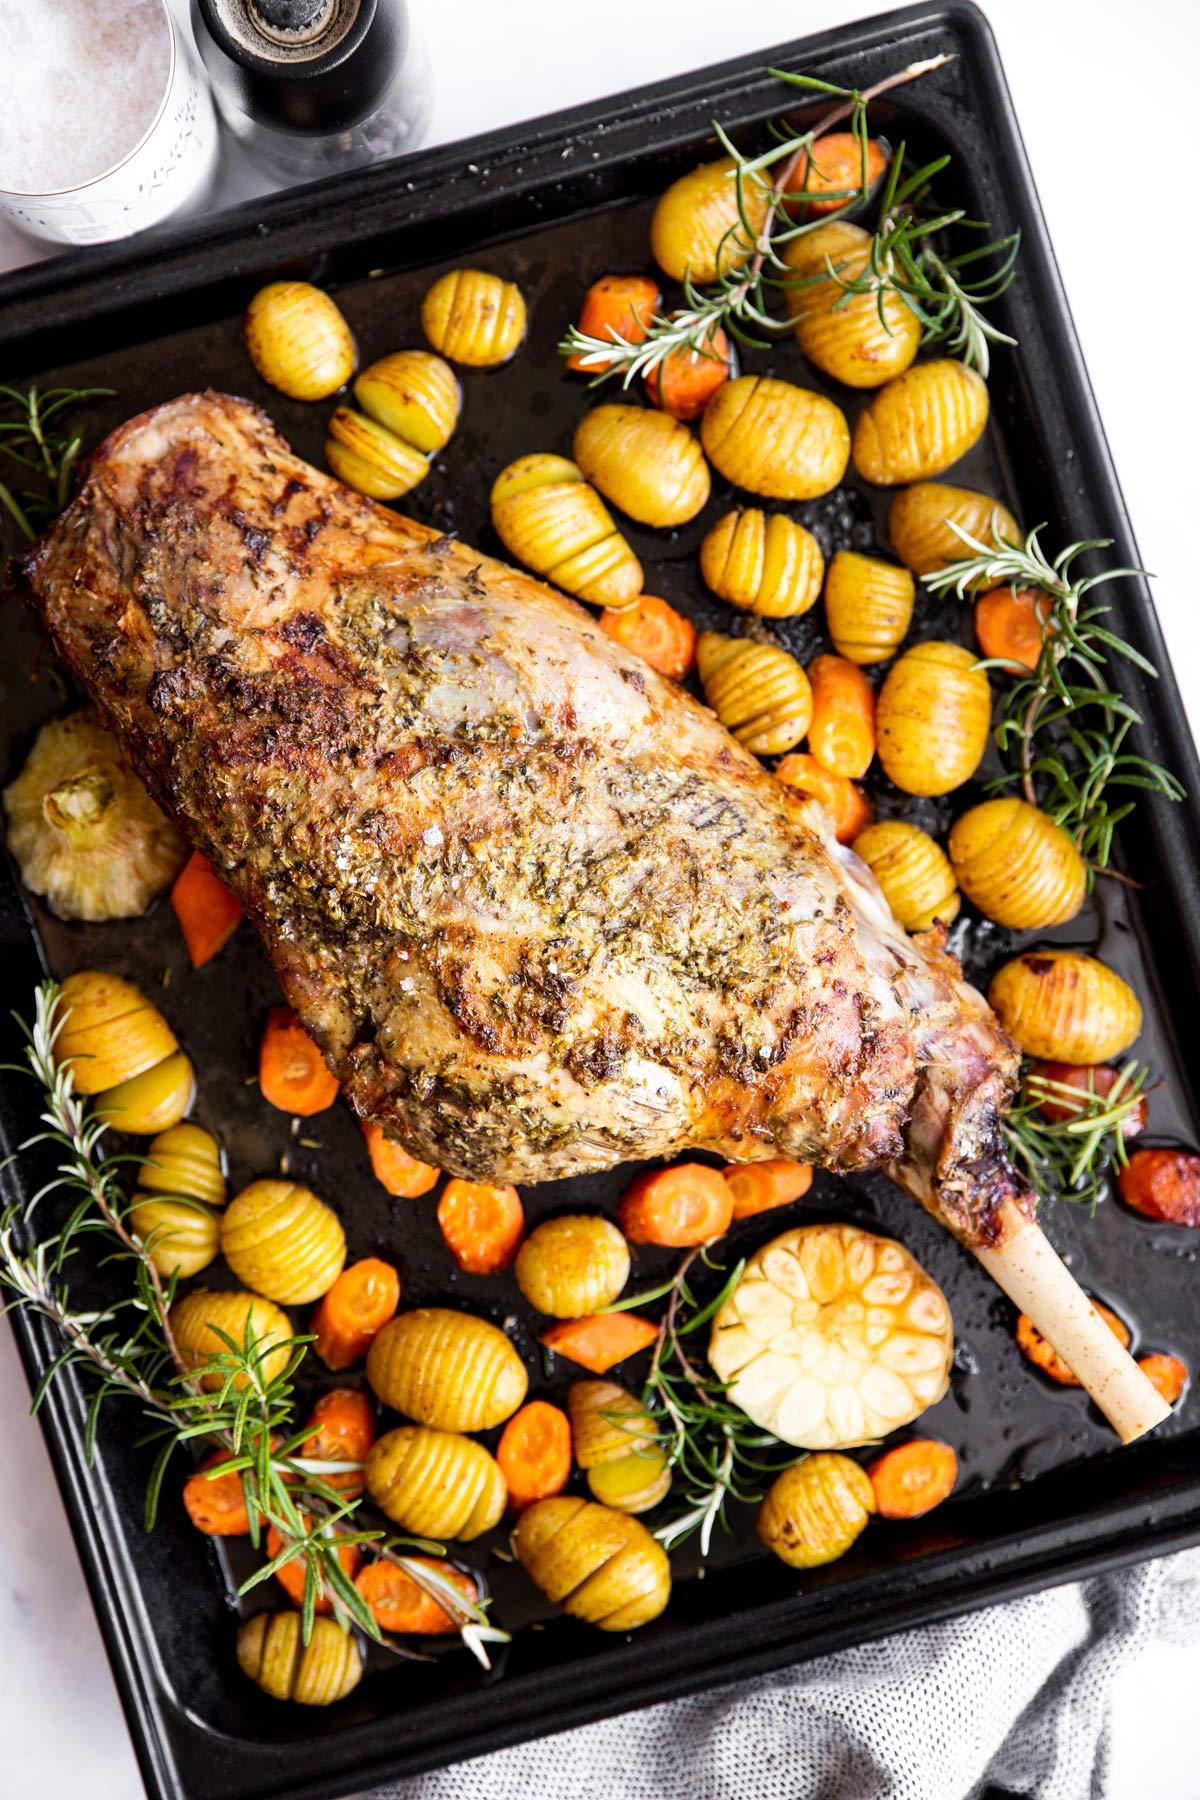 gebackene Lammkeule auf einem Blech mit Kartoffeln und Karotten